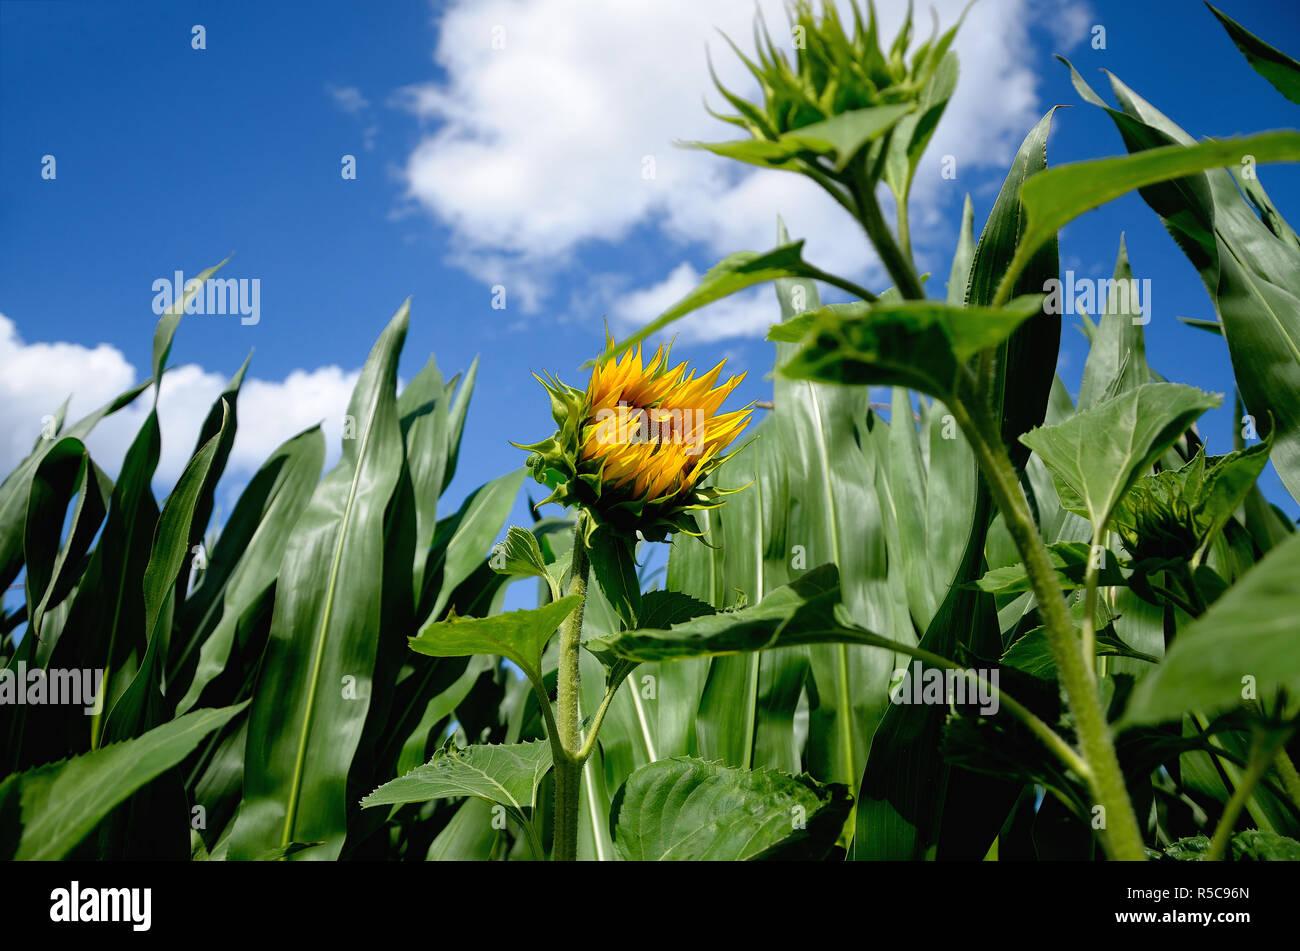 Sonnenblume unter blauem Himmel im Feld - Stock Image